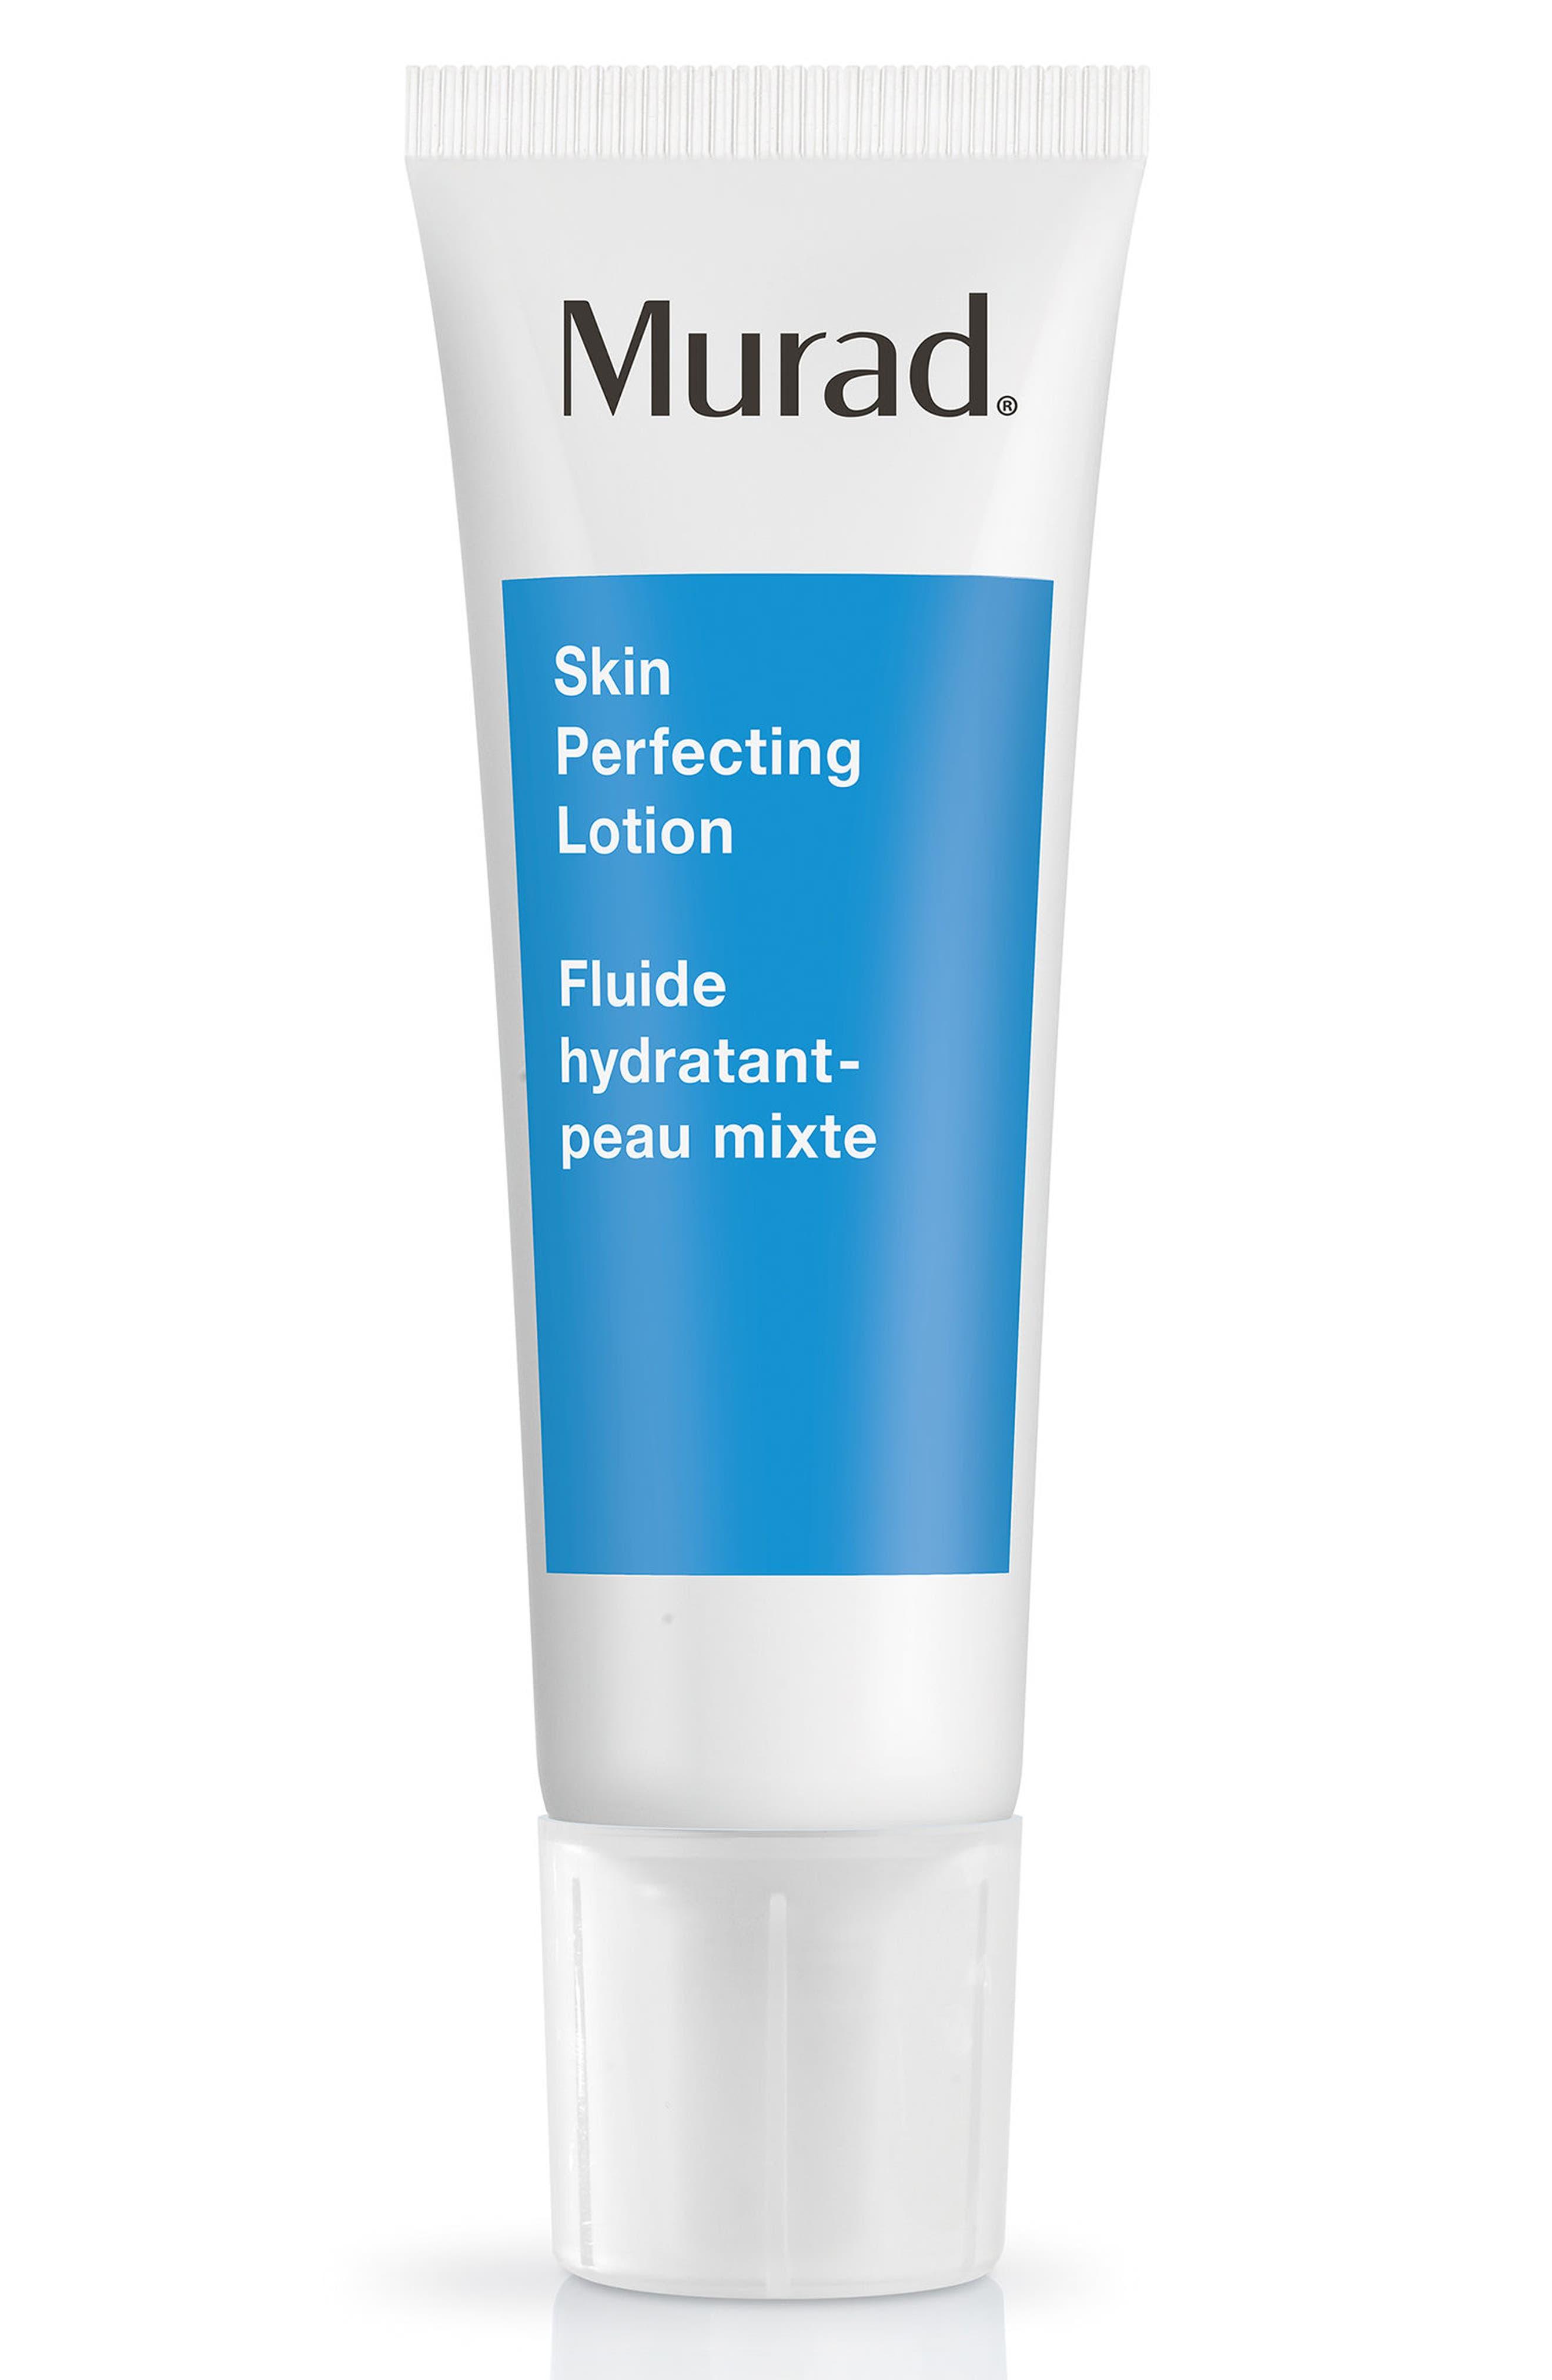 Murad® Skin Perfecting Lotion